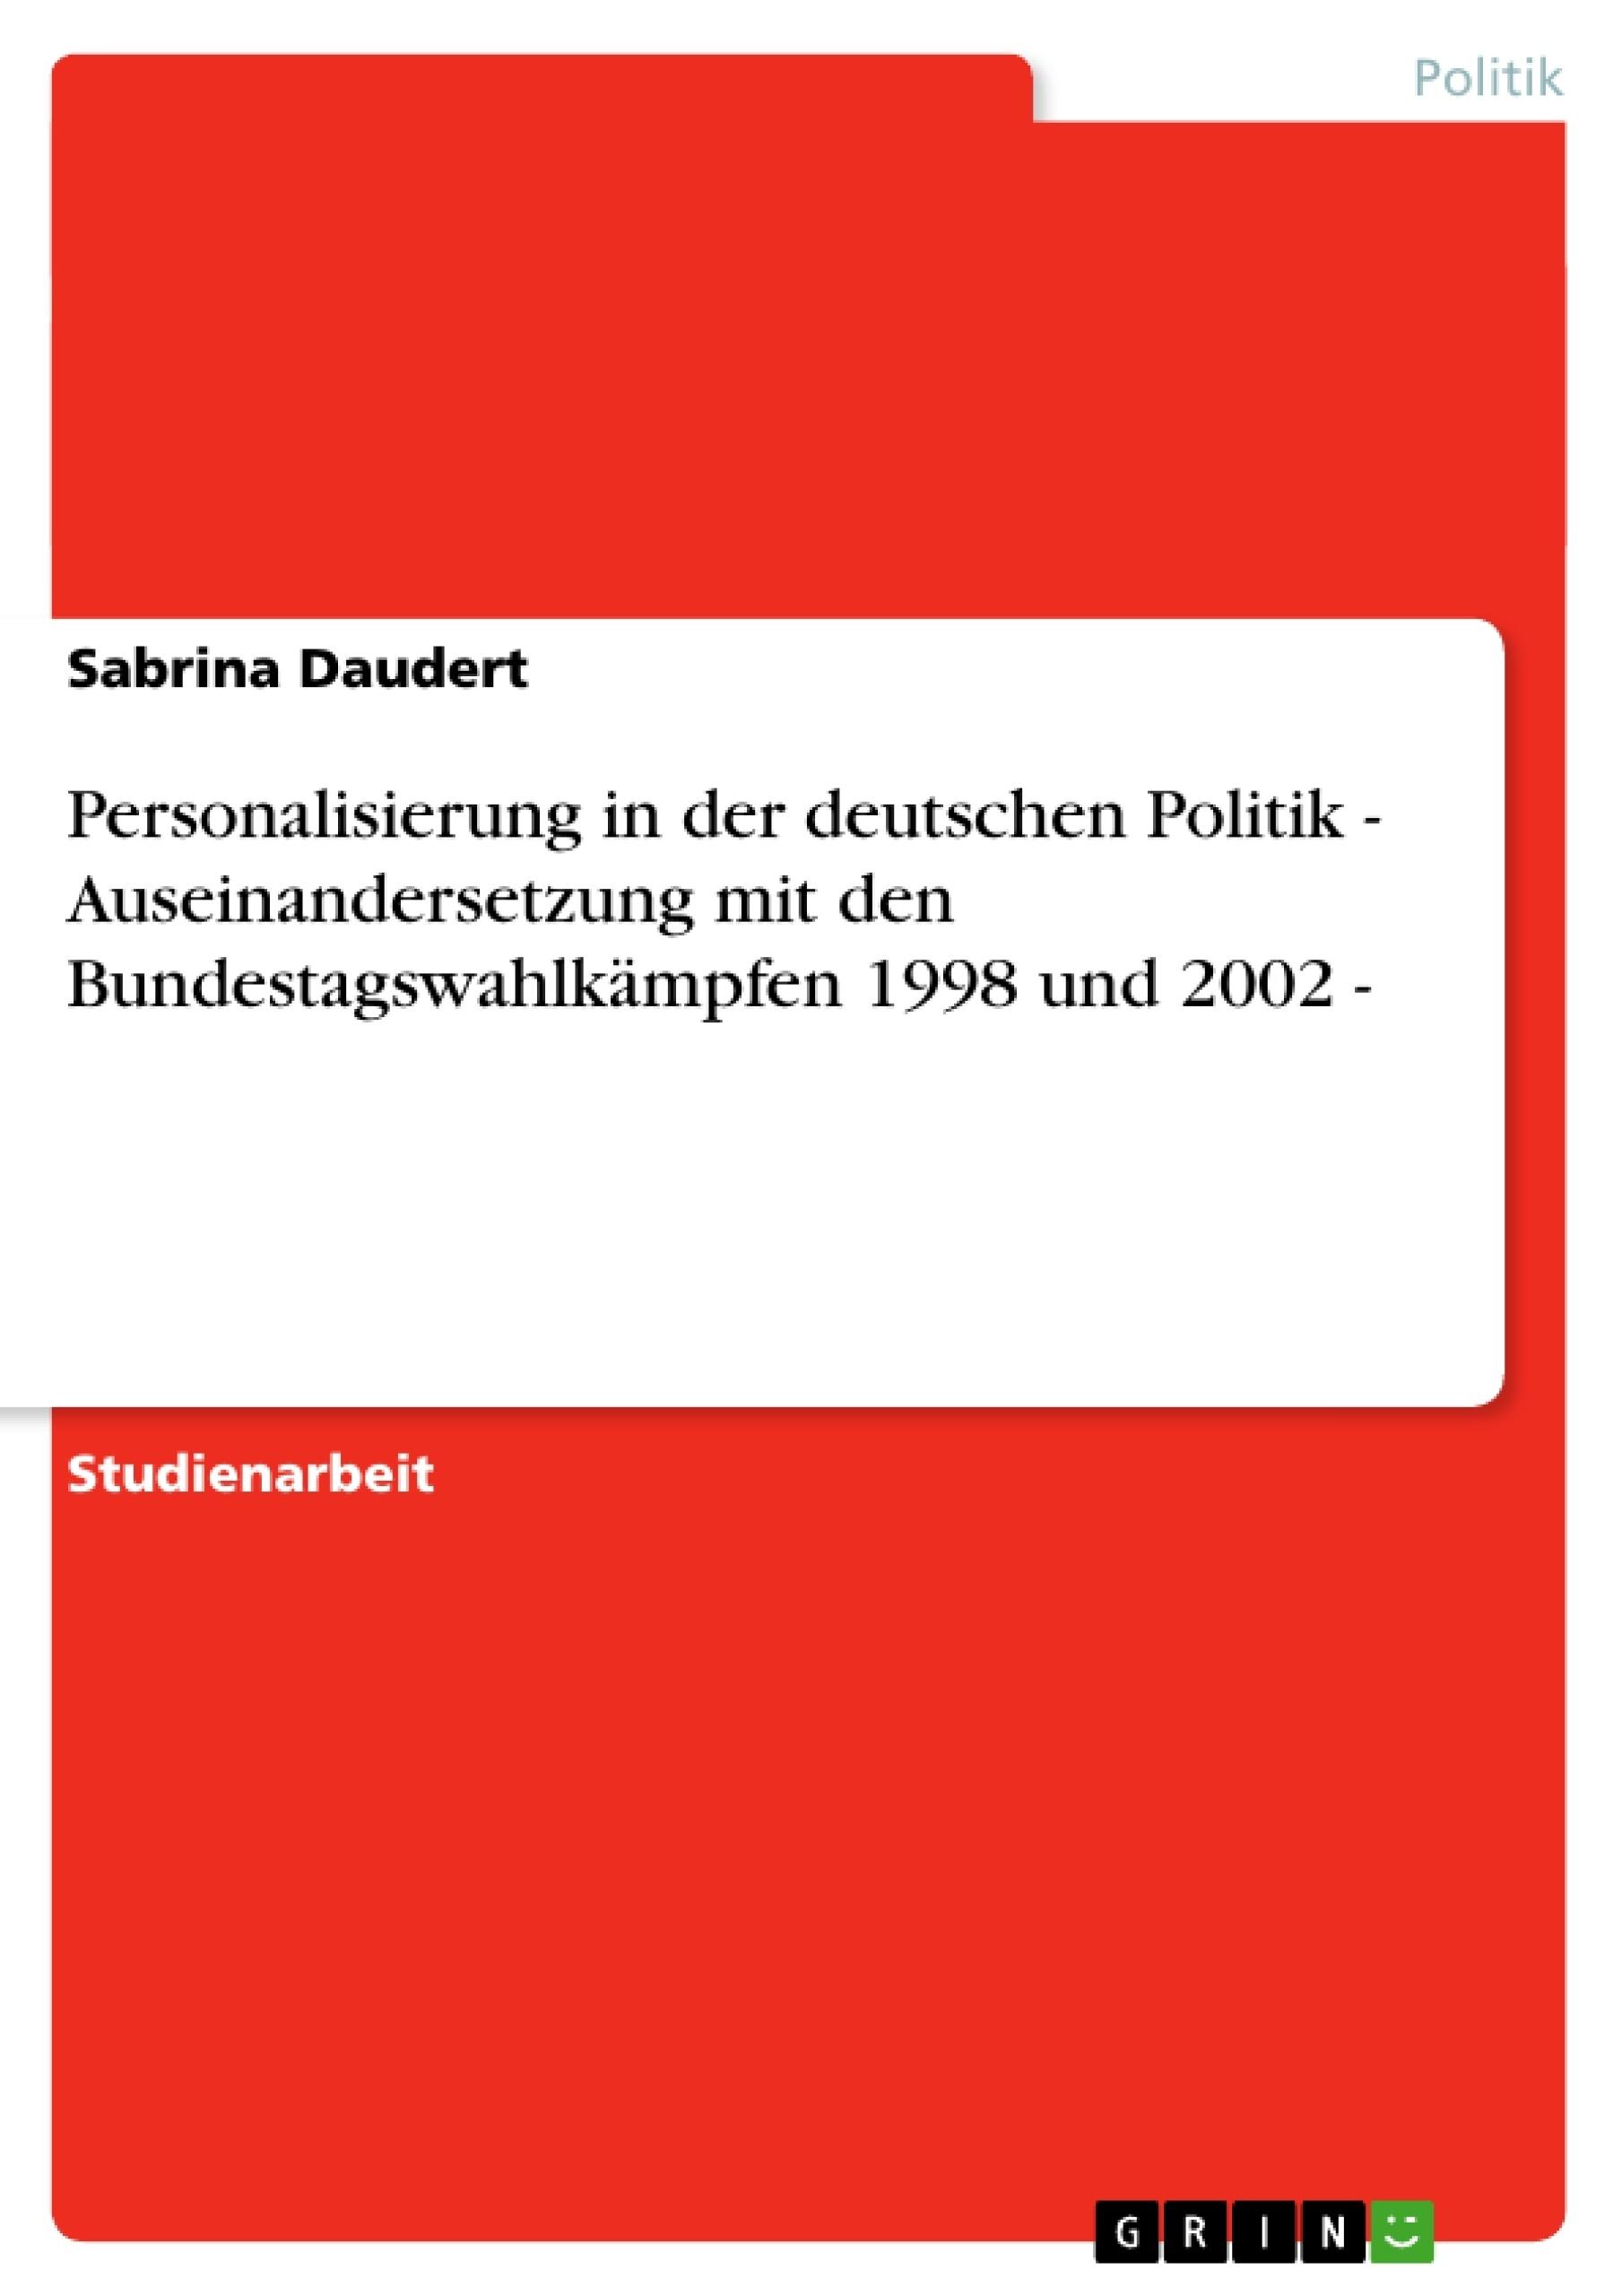 Titel: Personalisierung in der deutschen Politik  - Auseinandersetzung mit den Bundestagswahlkämpfen 1998 und 2002 -